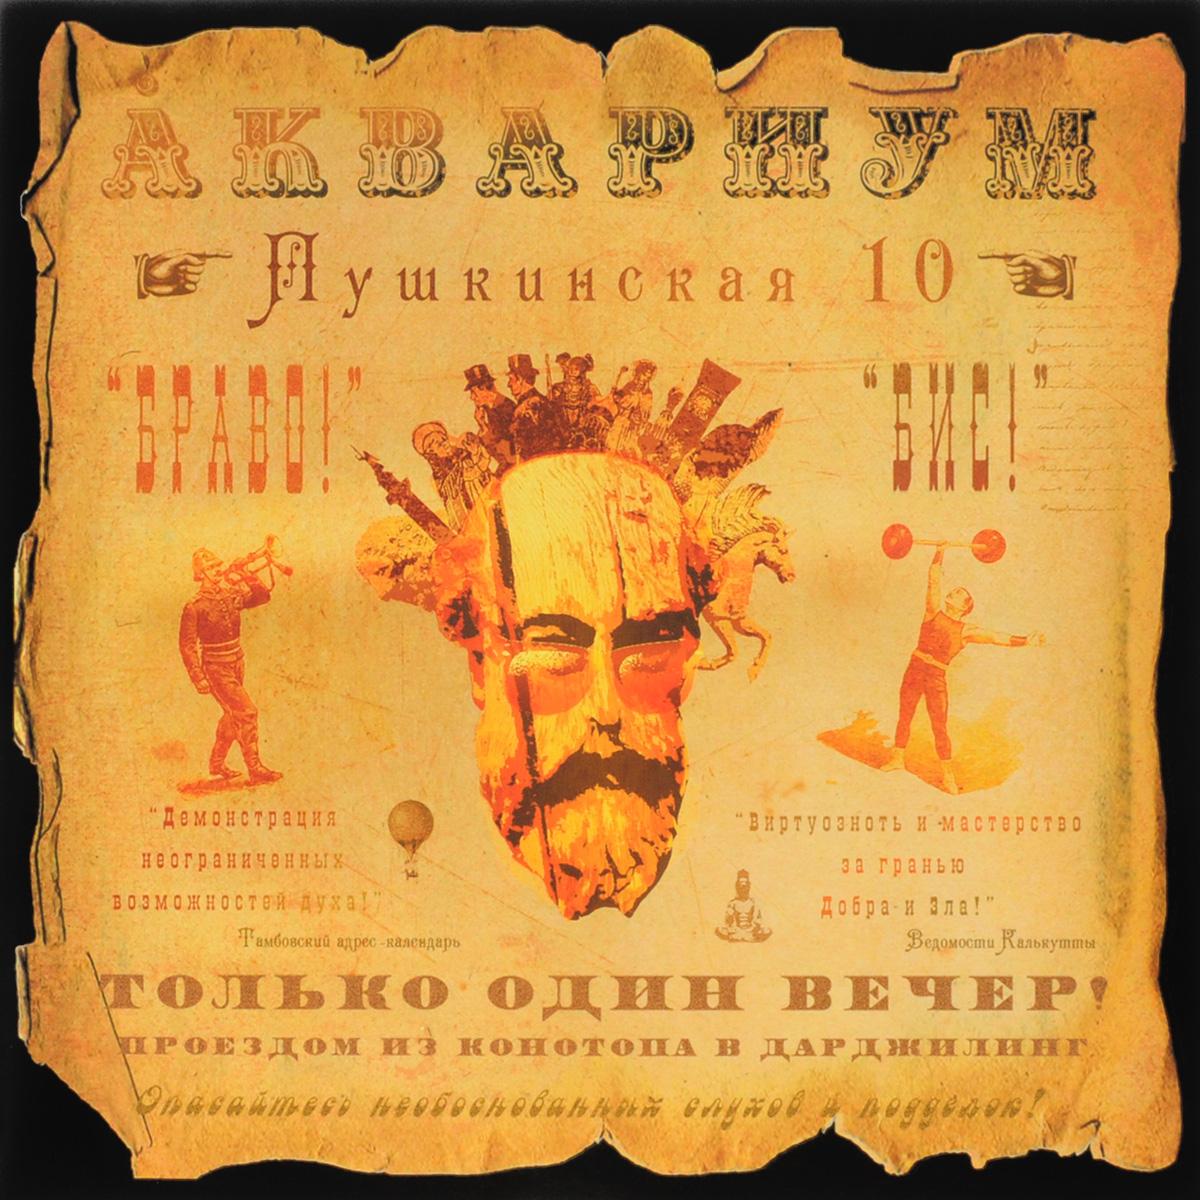 Фото - Аквариум Аквариум. Пушкинская 10 (LP) аквариум аквариум только лучшее часть 2 mp3